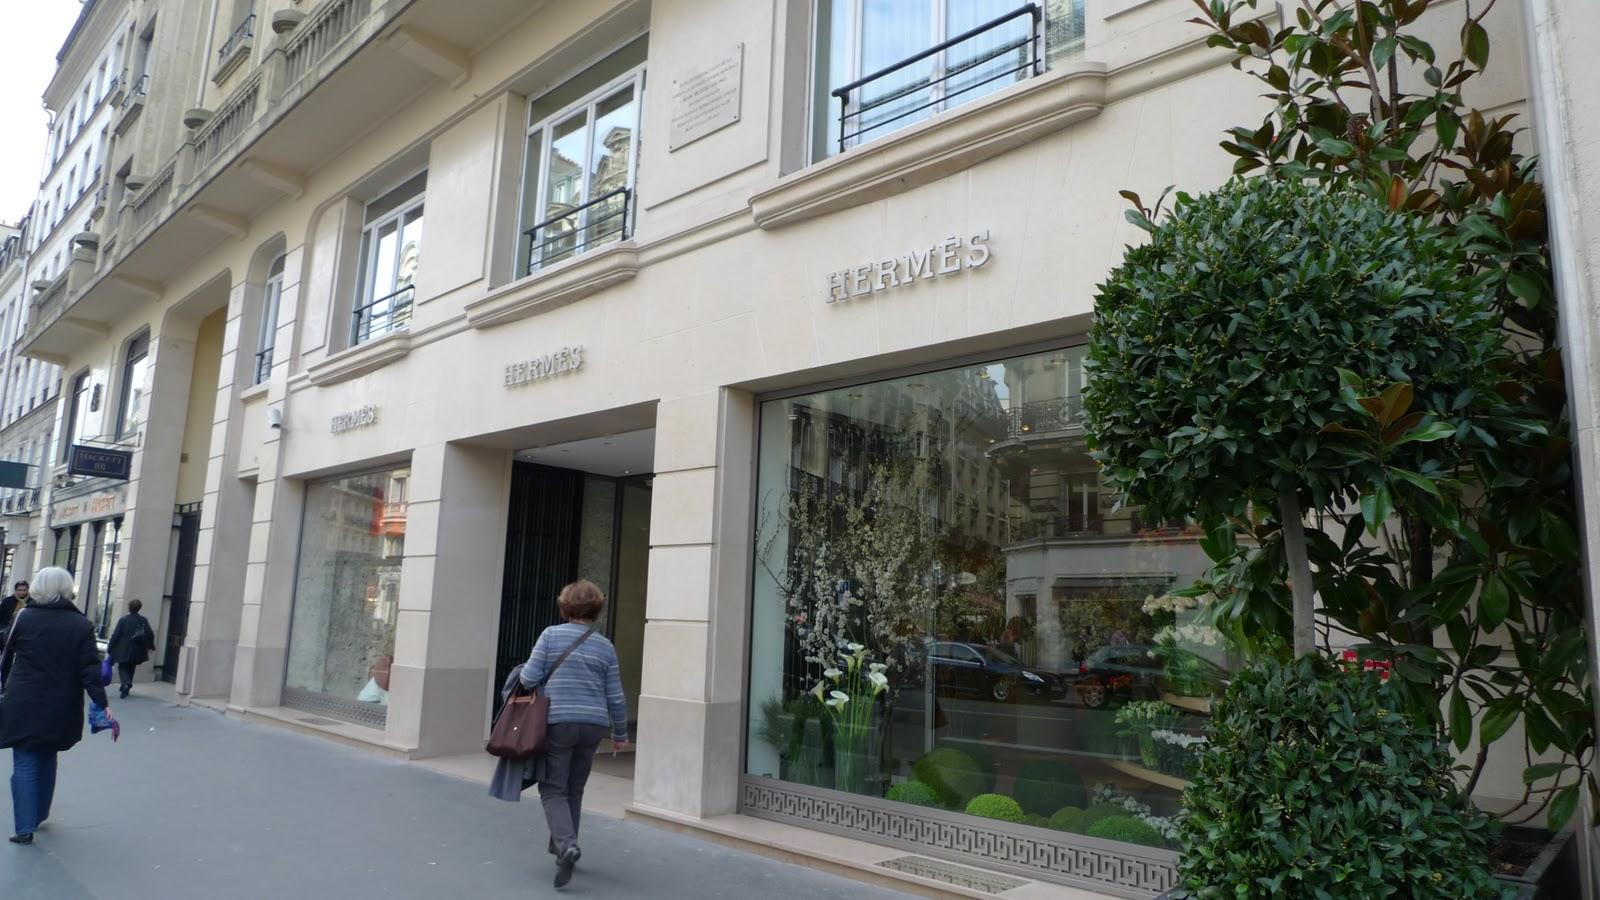 Ms ellaneous in the heart of paris the herm s boutique in saint germain des pr s - Hermes rue de sevres ...